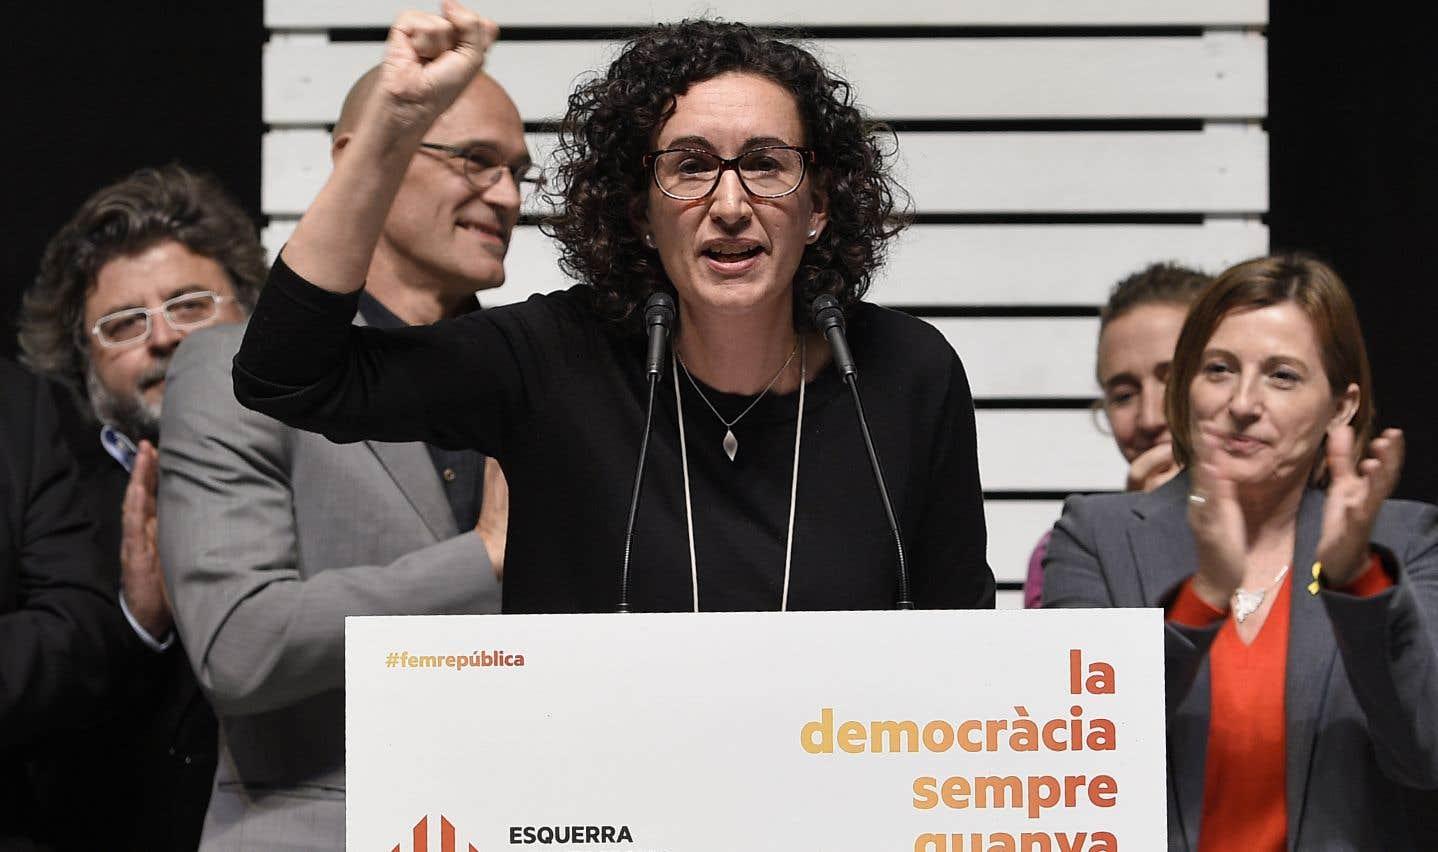 Marta Rovira, la numéro deux de la Gauche républicaine de Catalogne, élue jeudi, compte parmi les nouveaux accusés.